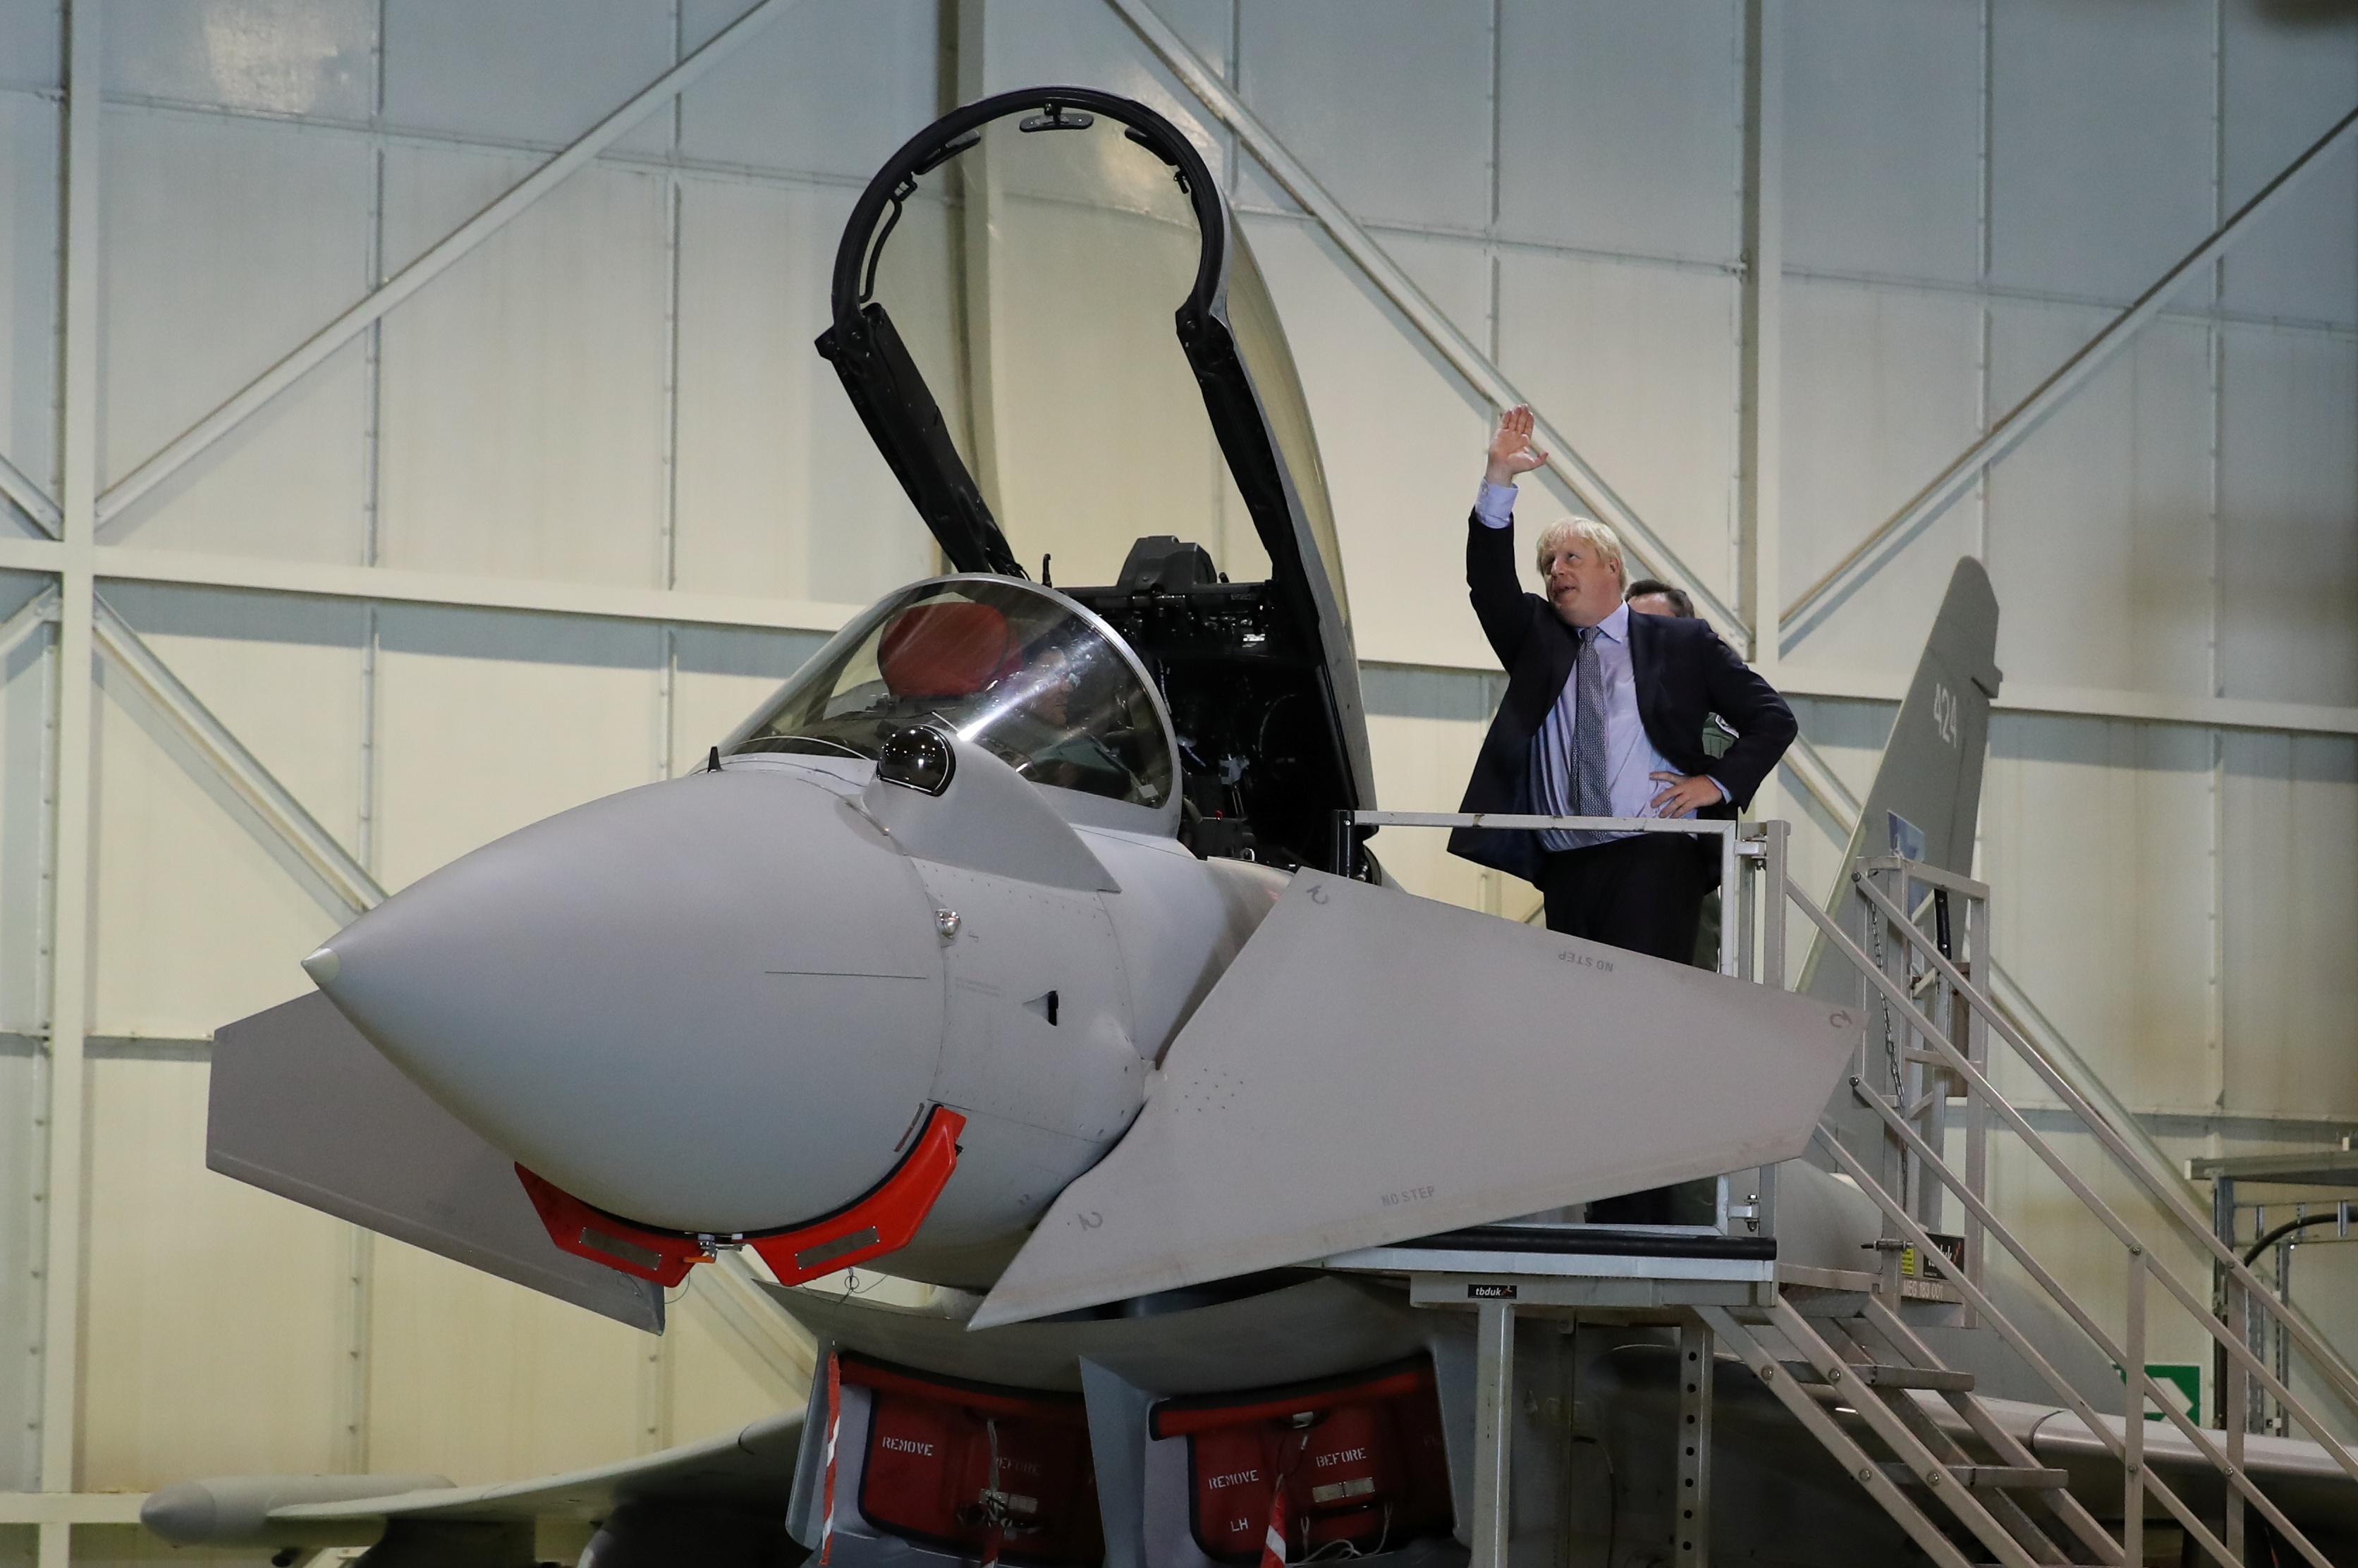 رئيس وزراء بريطانيا يزور القوات الملكية ويطلع على طائرات تايفون المقاتلة